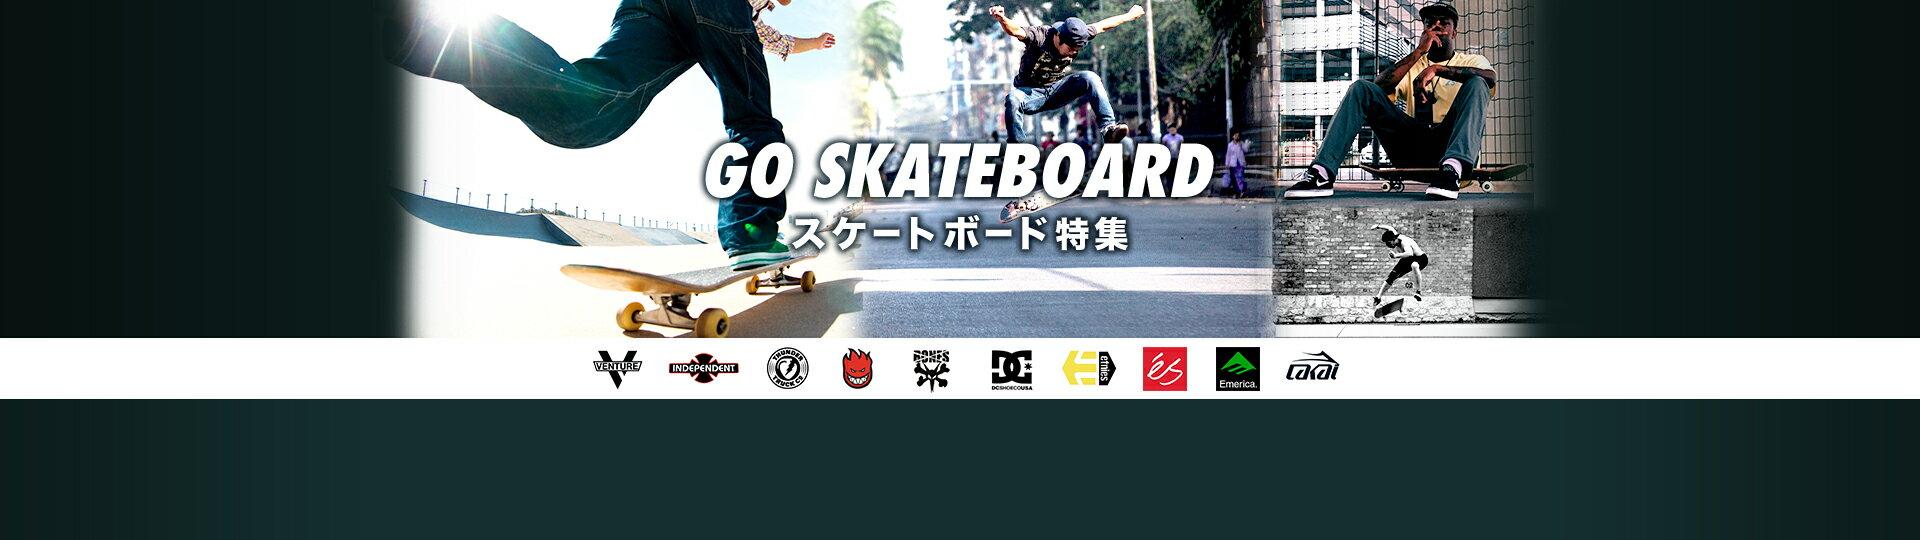 GO SKATEBOARD|スケートボード特集